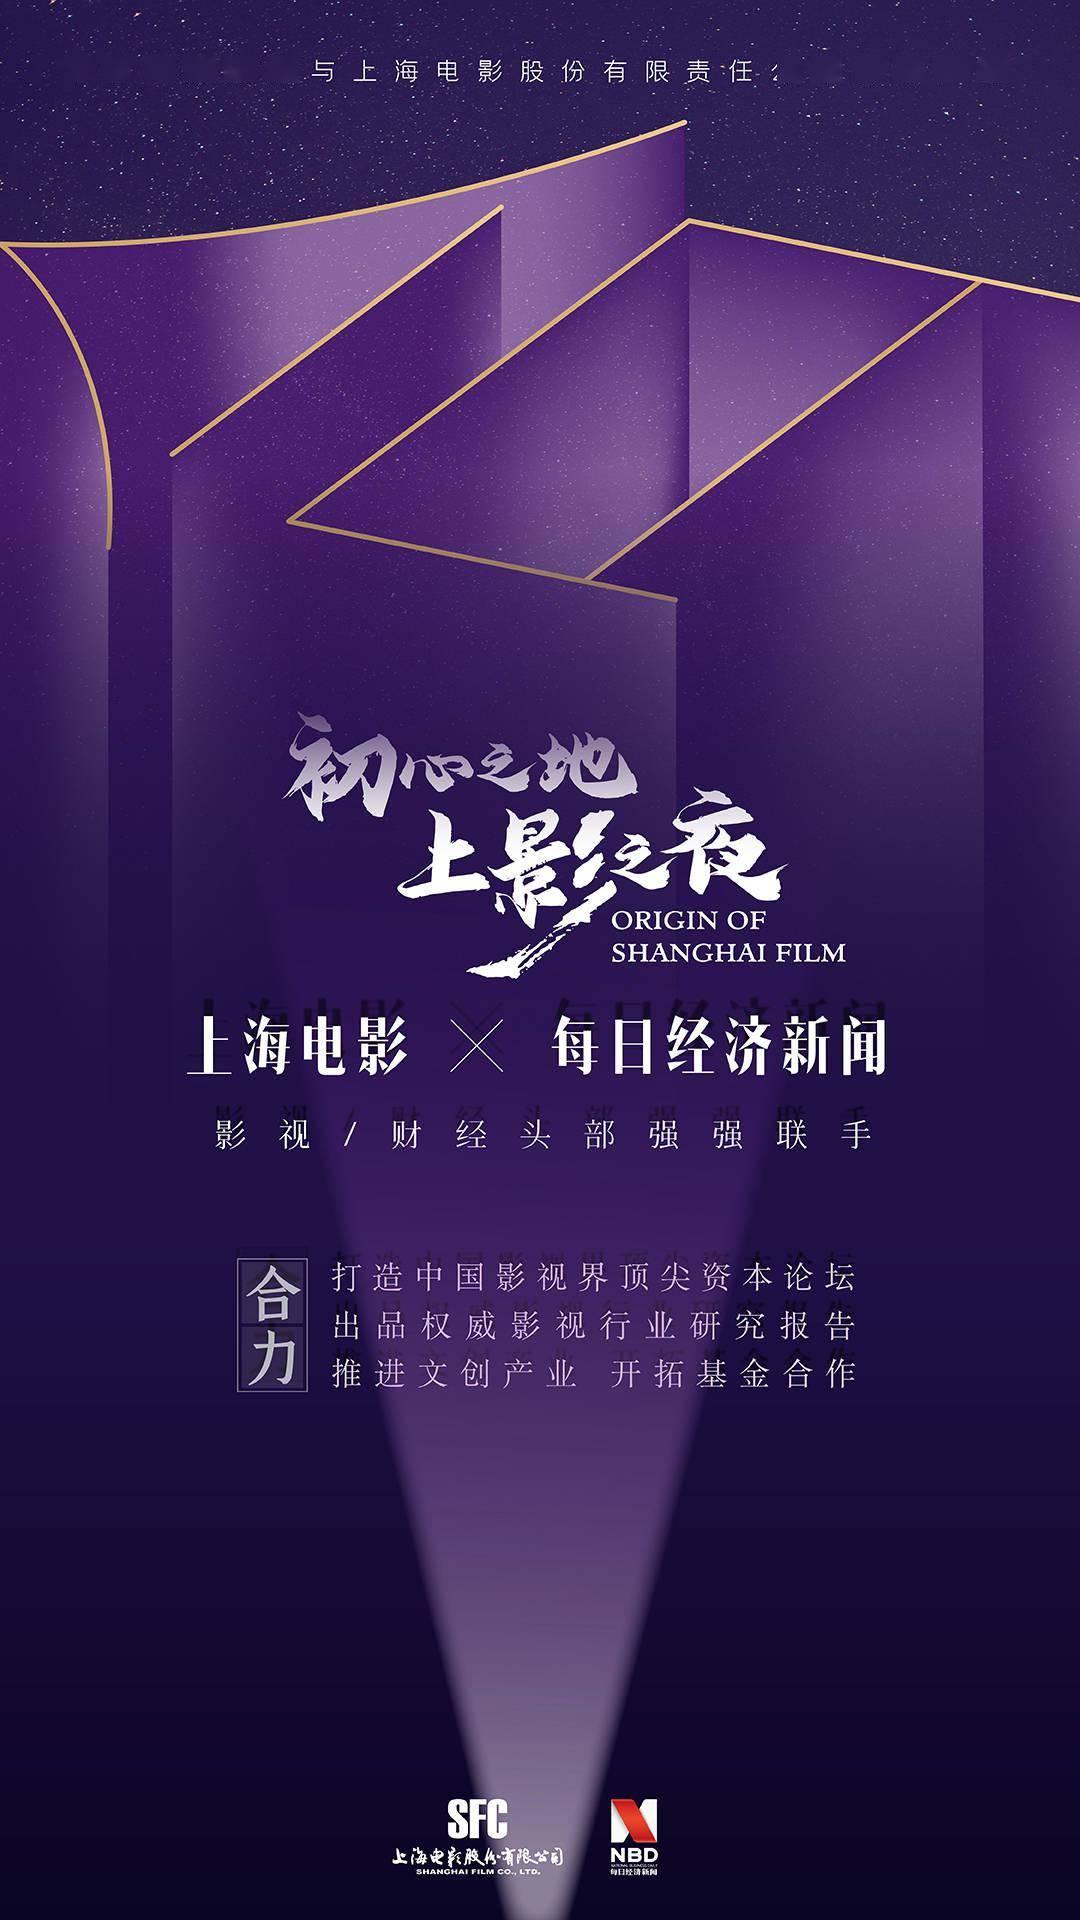 电影龙头企业牵手一流财经媒体上海电影与每日经济新闻启动深入合作